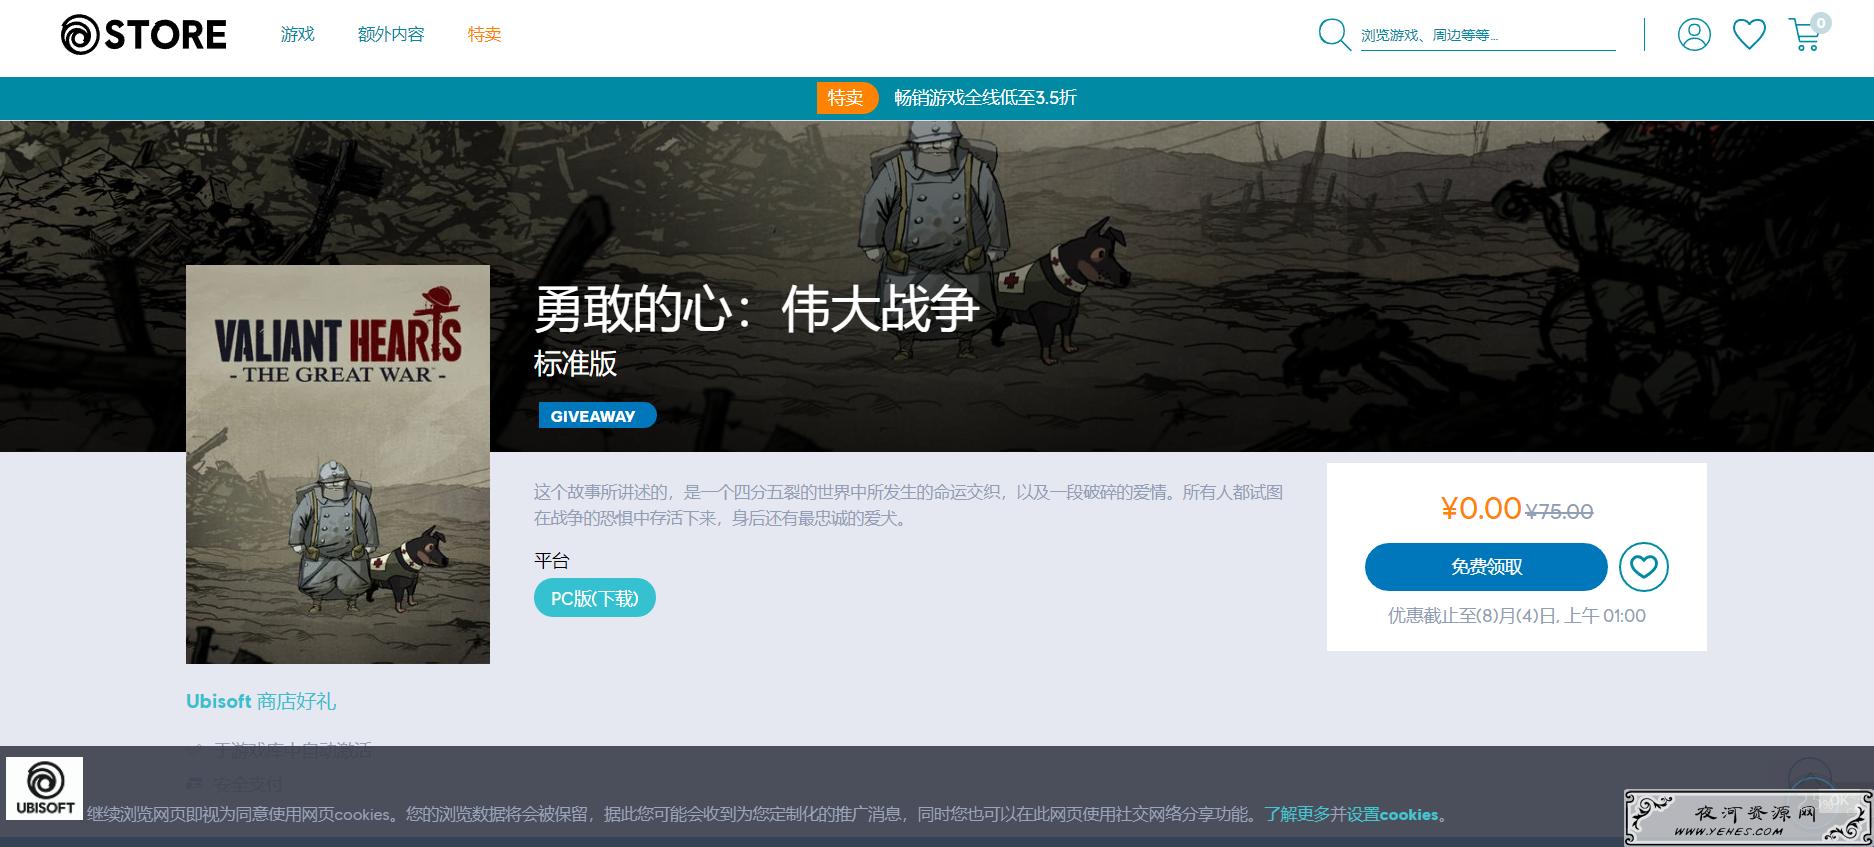 育碧Uplay免费领取游戏《勇敢的心》